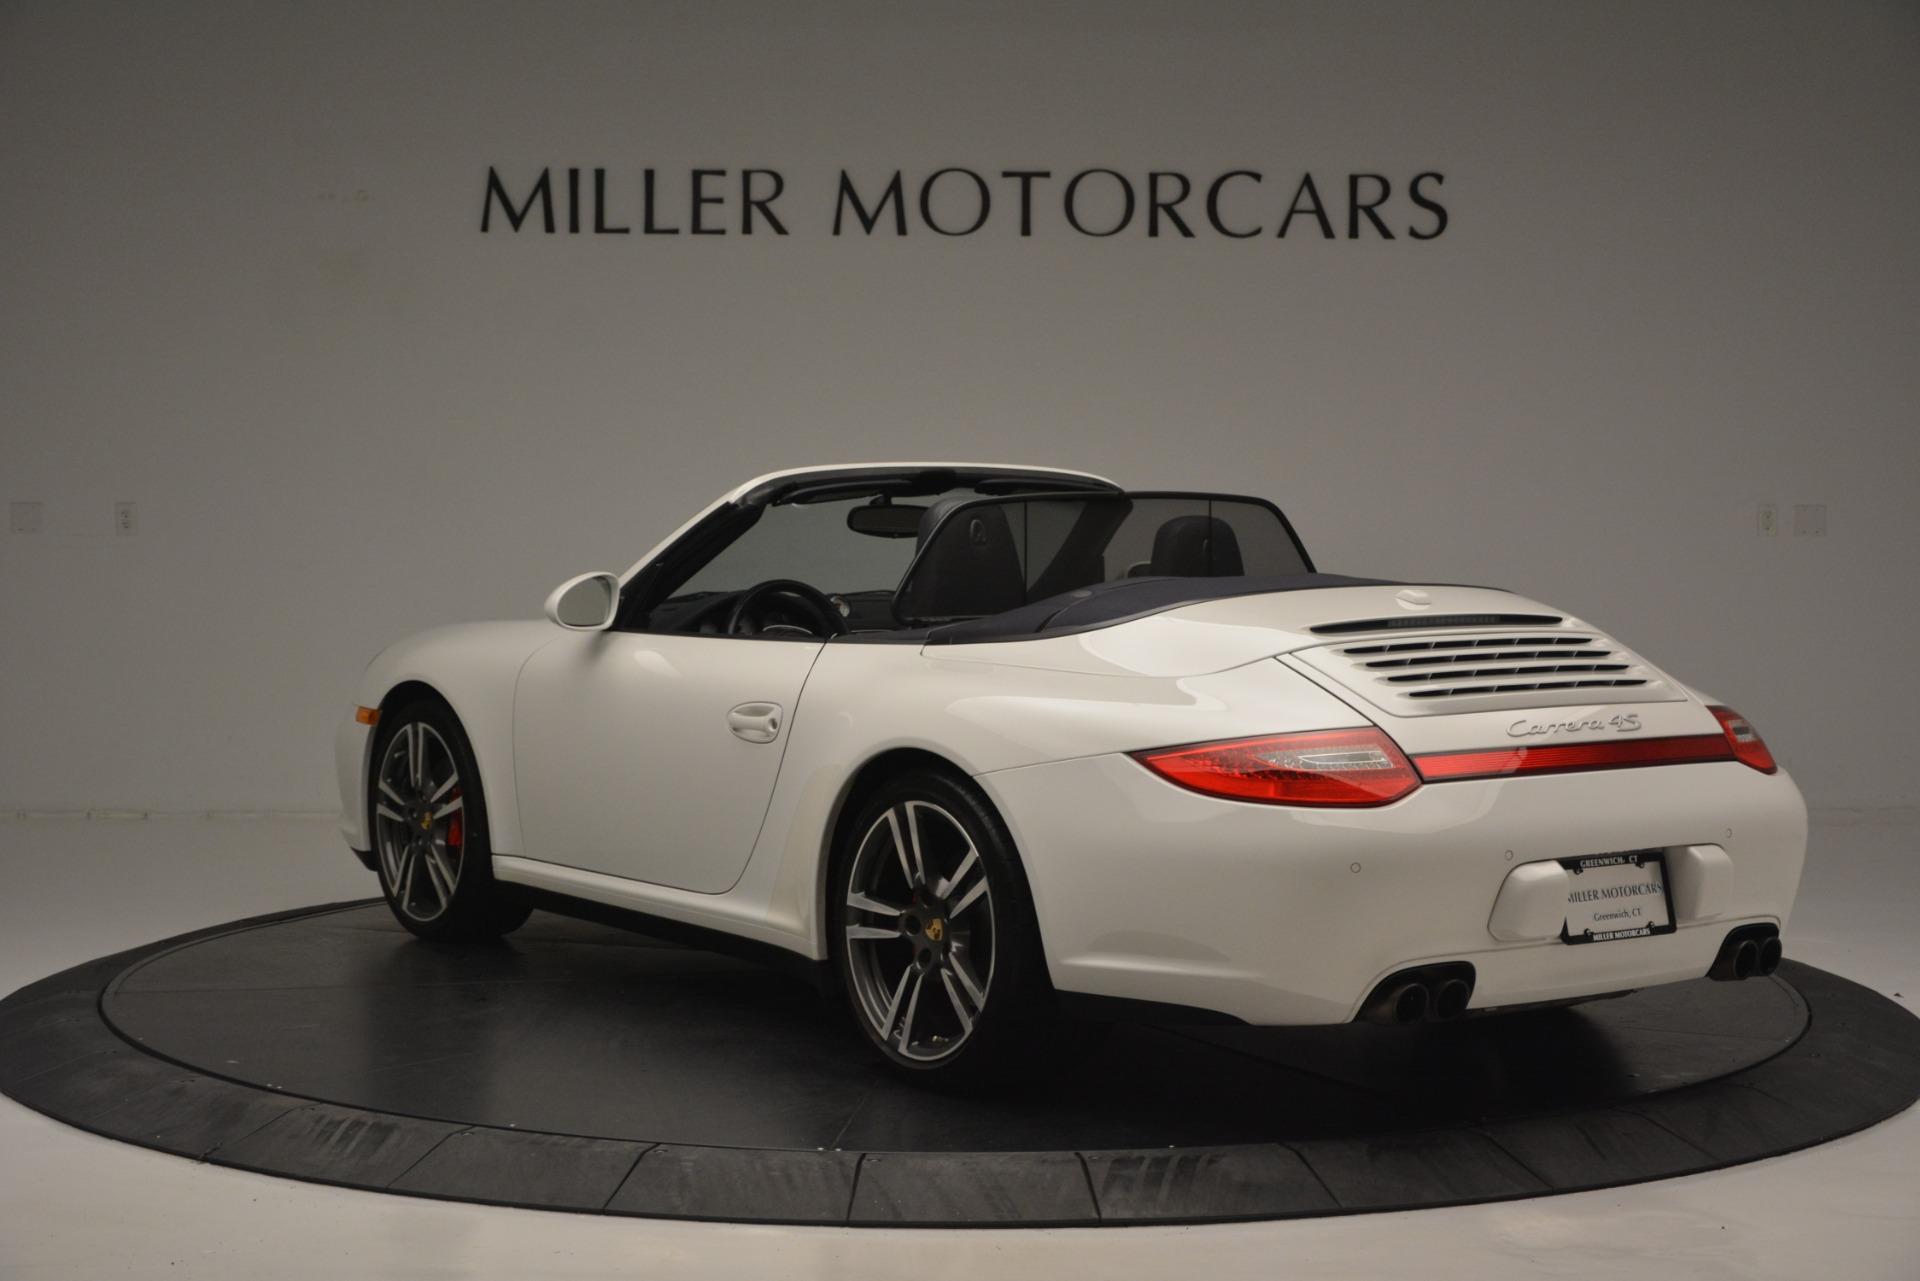 Used 2011 Porsche 911 Carrera 4S For Sale In Westport, CT 2600_p5